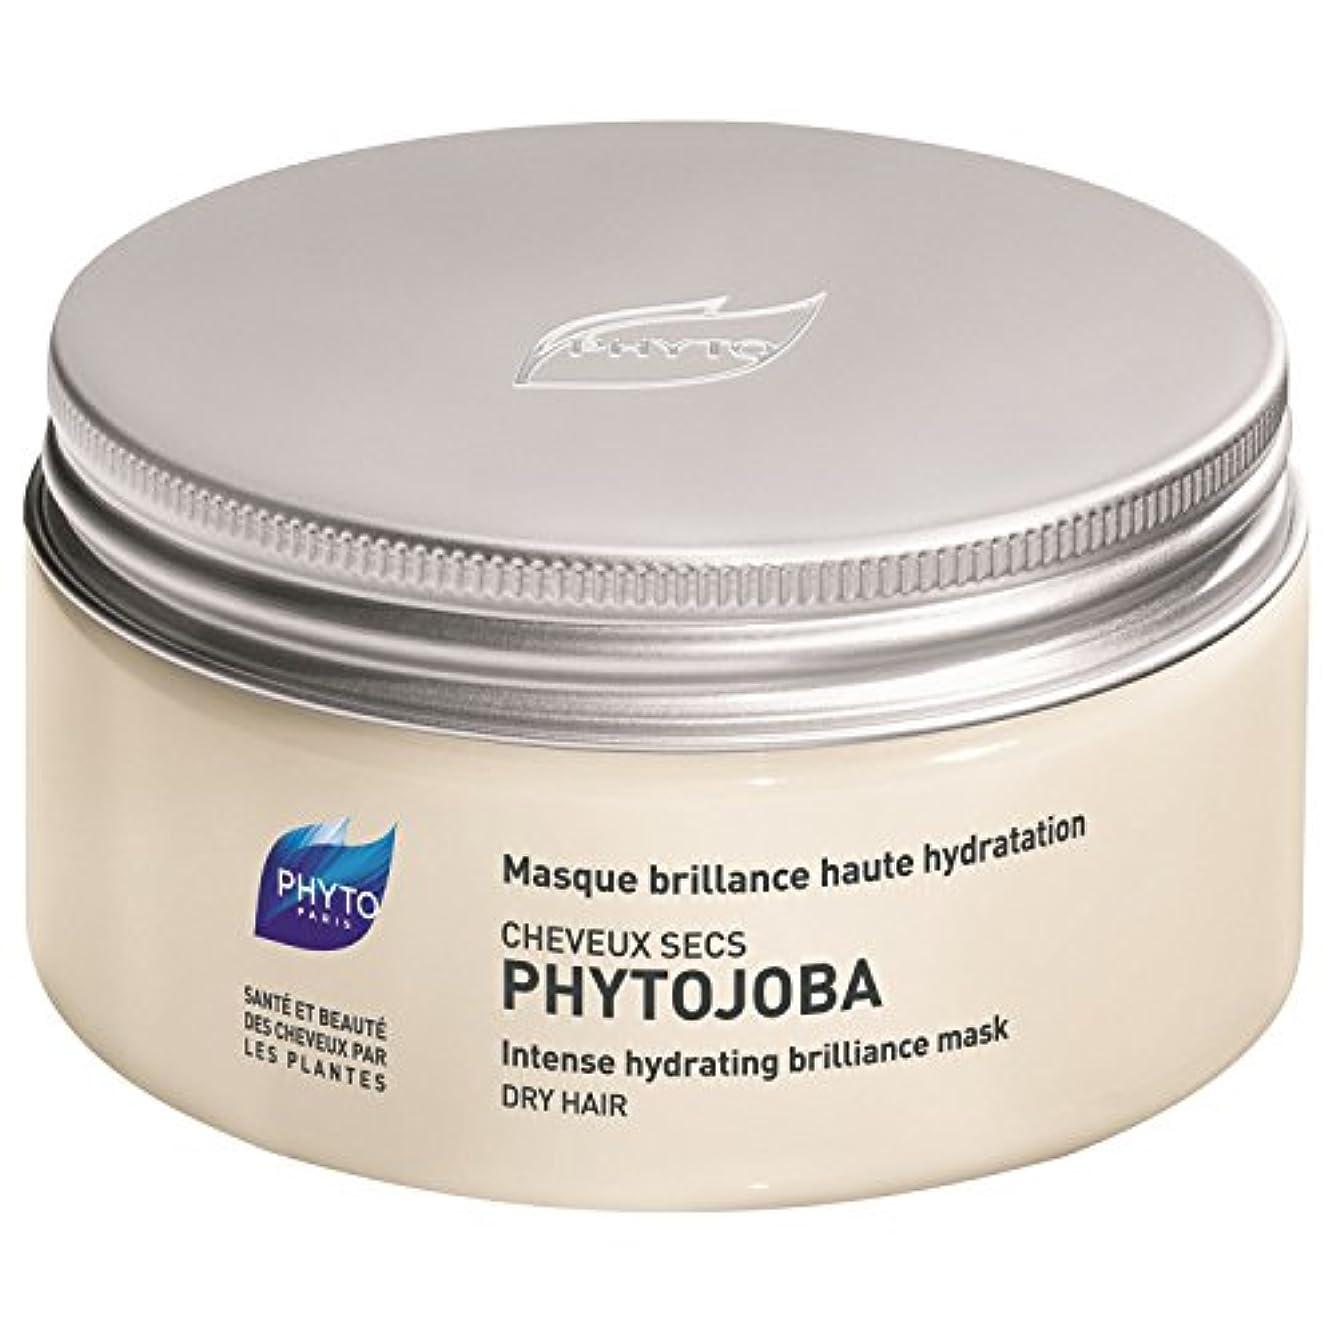 水没によってナインへフィトPhytojoba強烈な水分補給マスク200ミリリットル (Phyto) (x6) - Phyto Phytojoba Intense Hydrating Mask 200ml (Pack of 6) [並行輸入品]